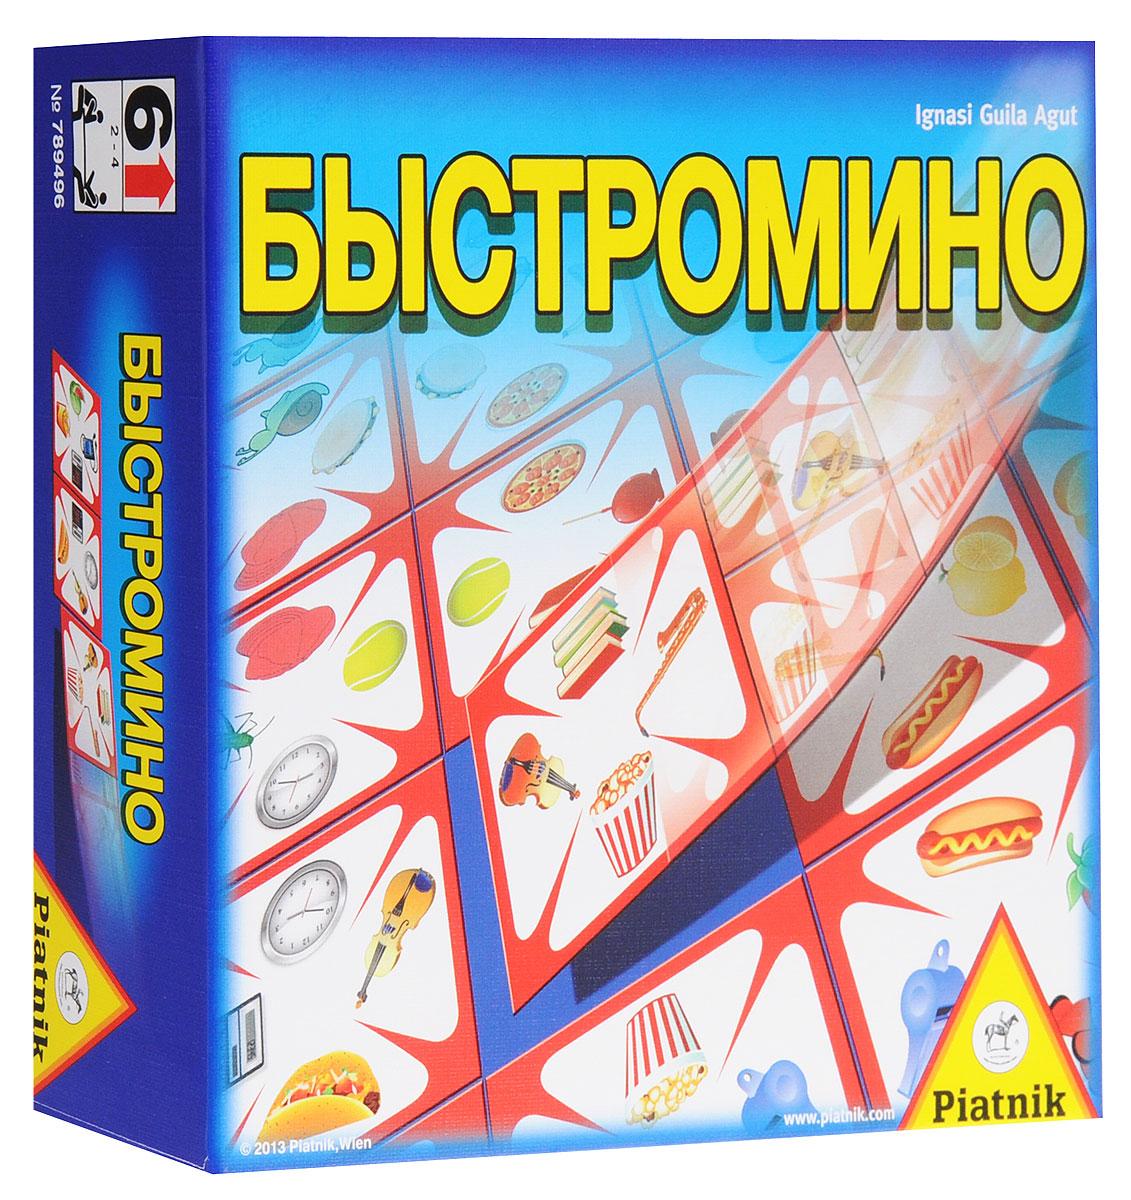 Piatnik Обучающая игра Быстромино789496Настольная интеллектуальная игра Быстромино будет интересна всей семье — от детей и до старшего поколения. А хорошо продуманный игровой процесс не оставит никого равнодушным. Это очень веселый и динамичный вариант Домино. Все ходят одновременно, никакой очередности. У вас на руках есть карточки, которые необходимо выкладывать на стол. Но все не так-то просто! Ведь совпасть должны не две стороны карточки, как в традиционном домино, а целых четыре! Кто быстрее всех найдет способ избавиться от своих карточек, тот и победил. В комплект входит: 49 игровых карточек, правило игры.